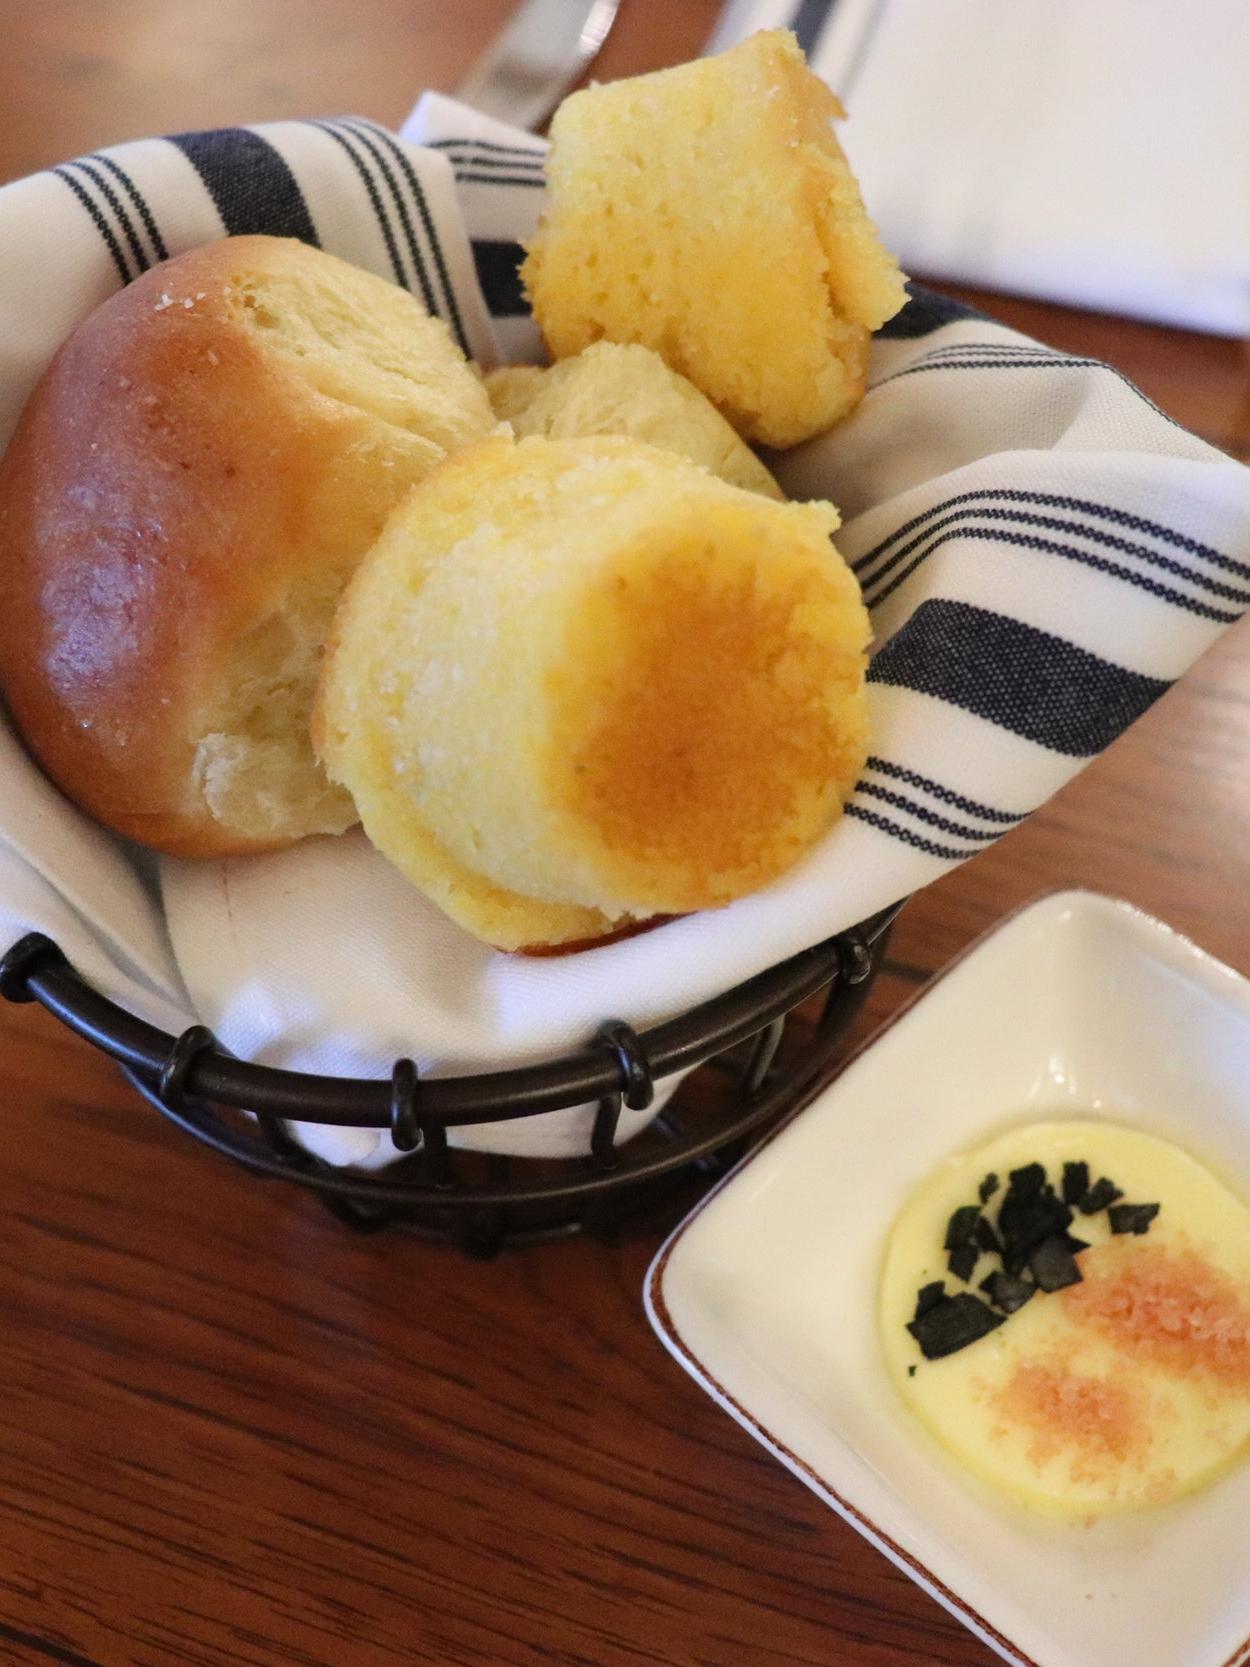 Bread service: cornbread and Hawaiian rolls.